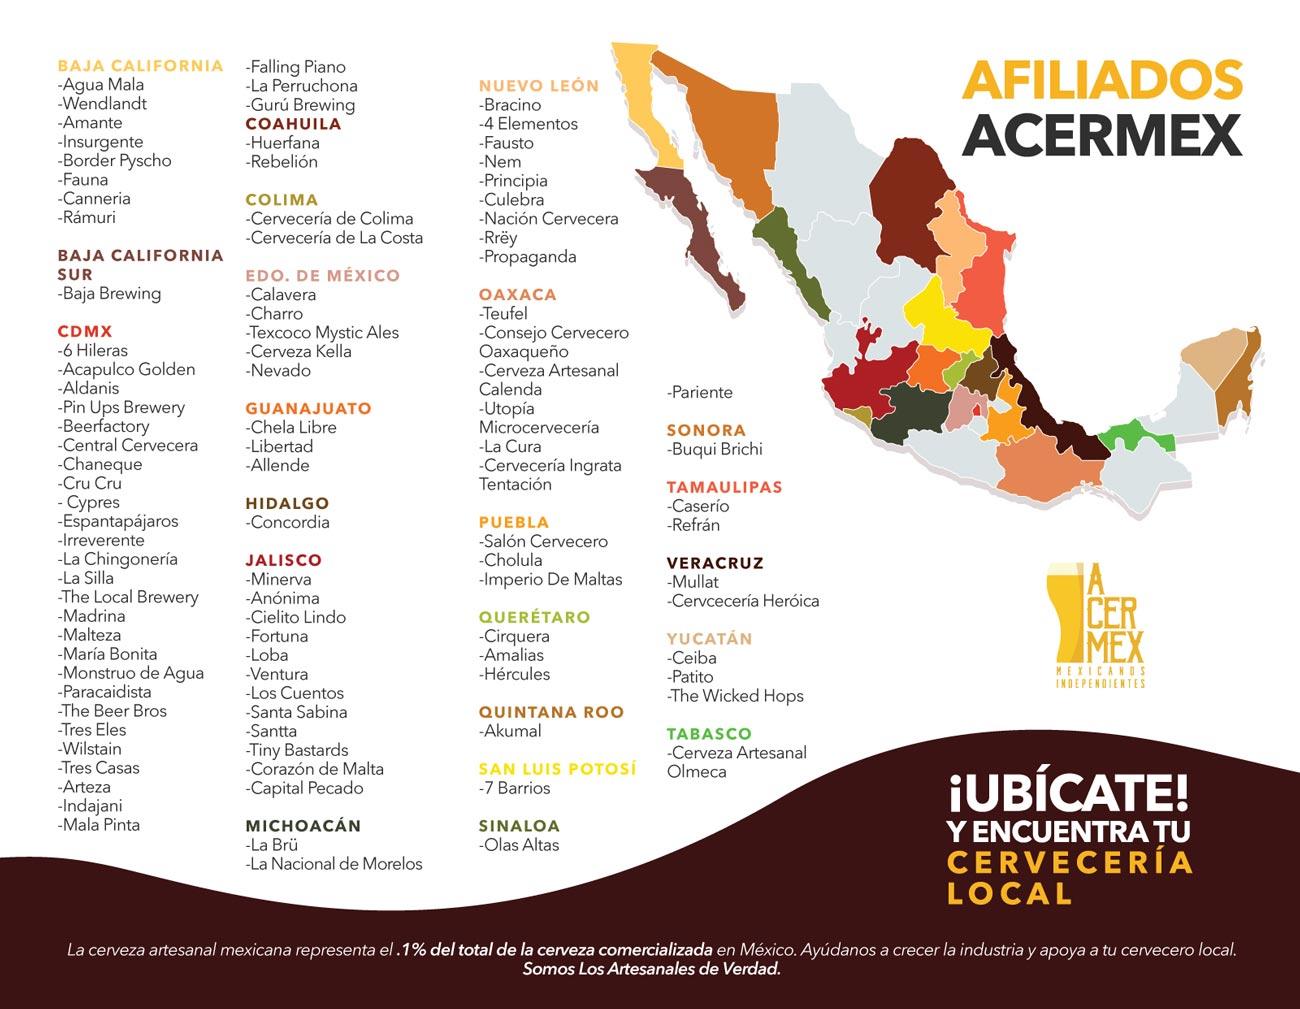 Mapa de las cervecera afiliadas a ACERMEX